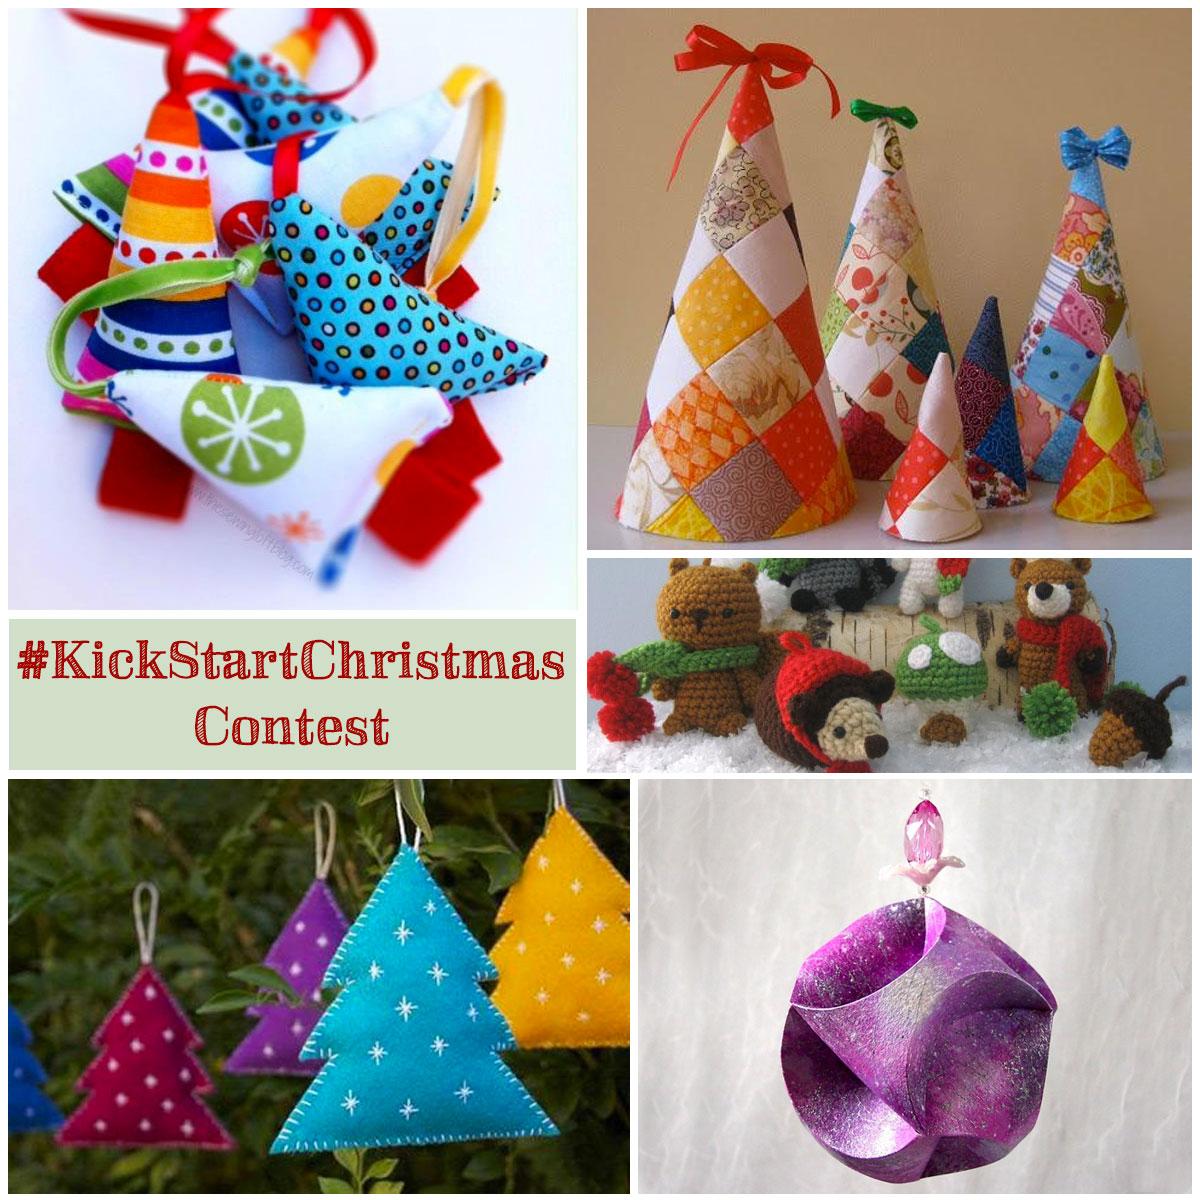 kickstartchristmas1